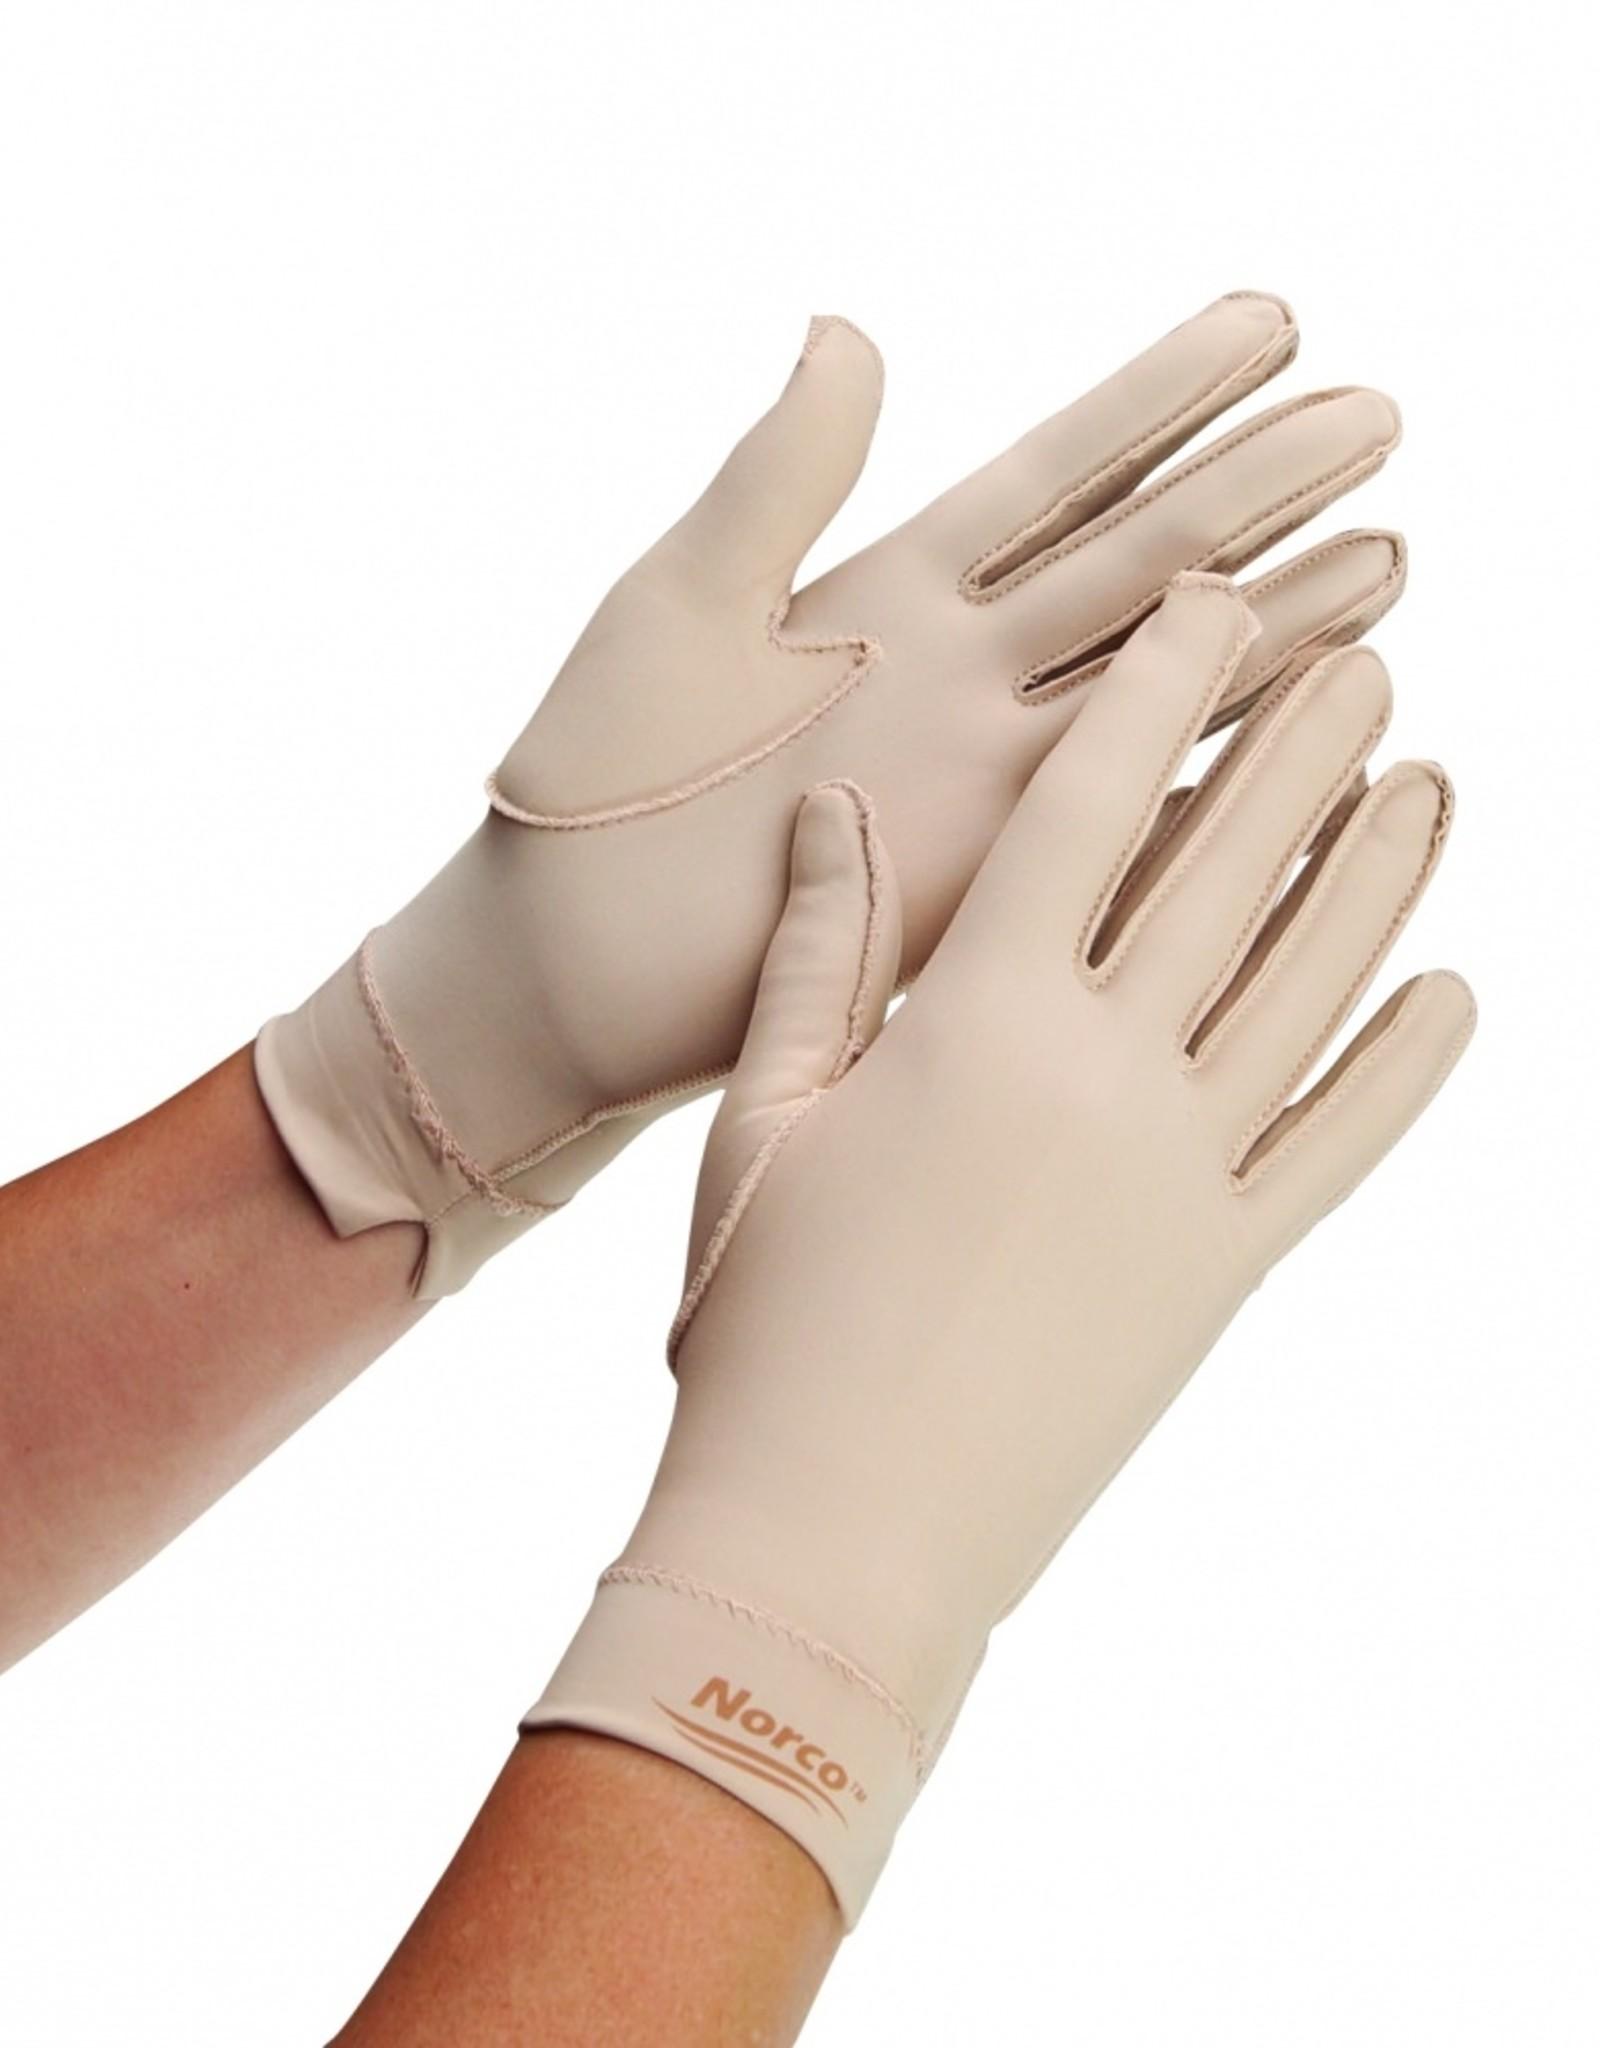 Oedeemhandschoenen - hele vingers, polslengte